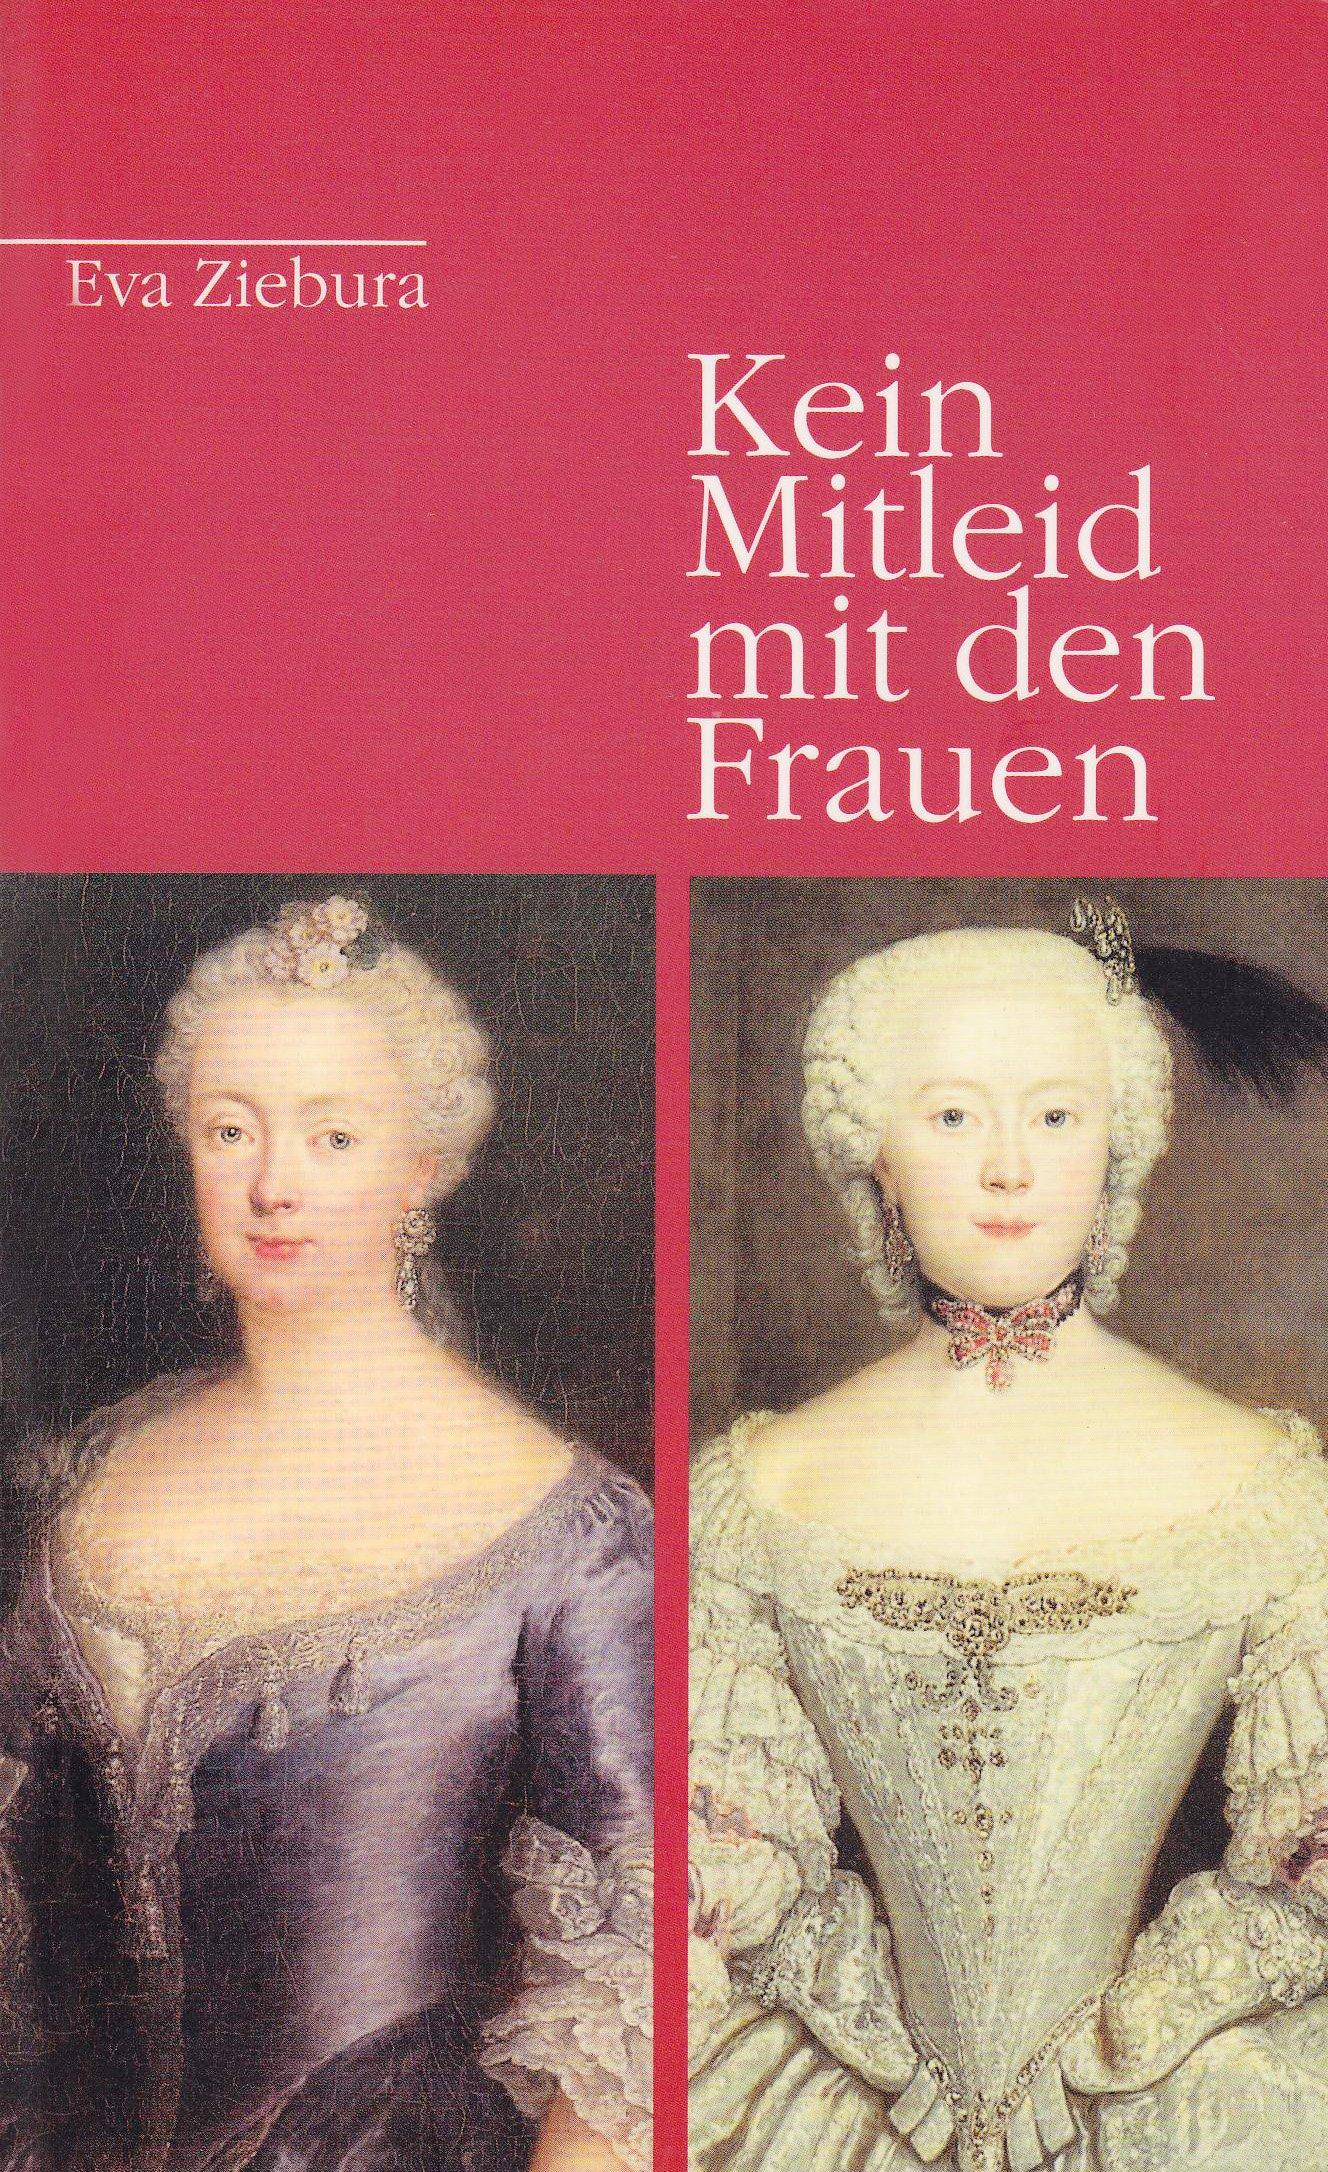 Kein Mitleid mit den Frauen: Die Braunschweiger Schwestern Frauen von Friedrich dem Grossen und Prinz August Wilhelm